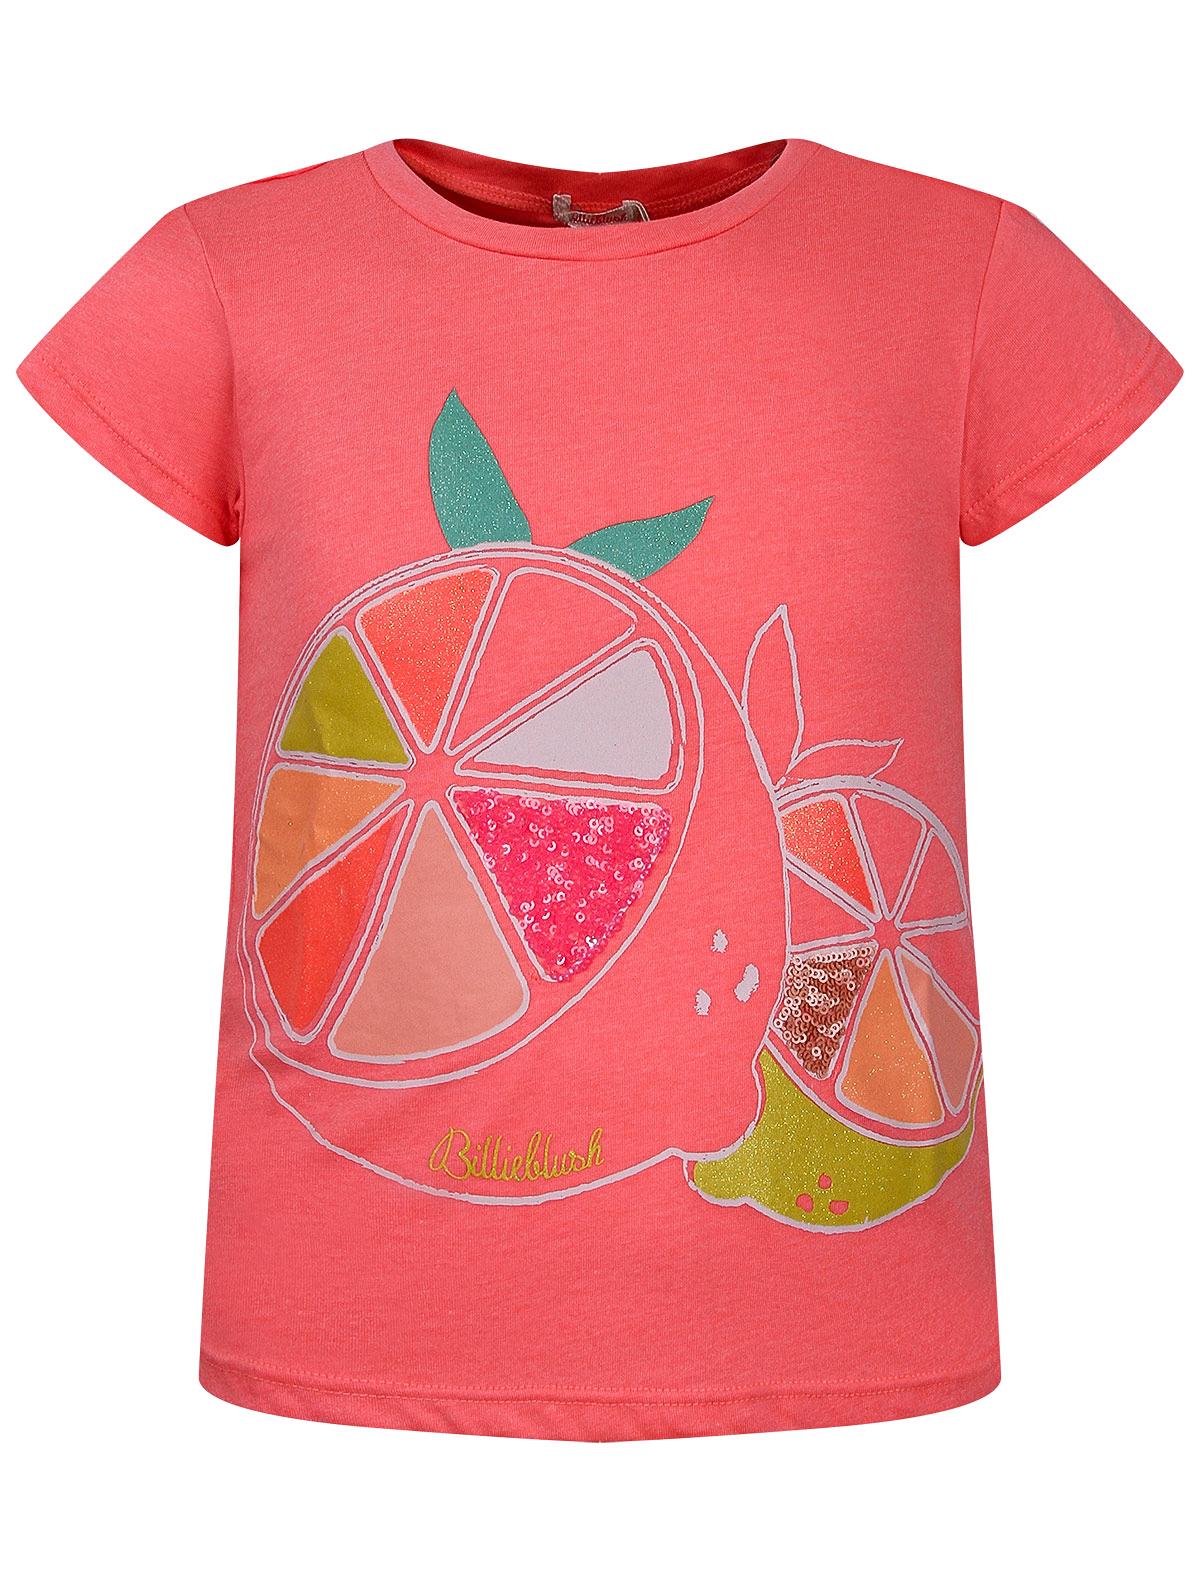 Купить 2284378, Футболка Billieblush, розовый, Женский, 1134509175422